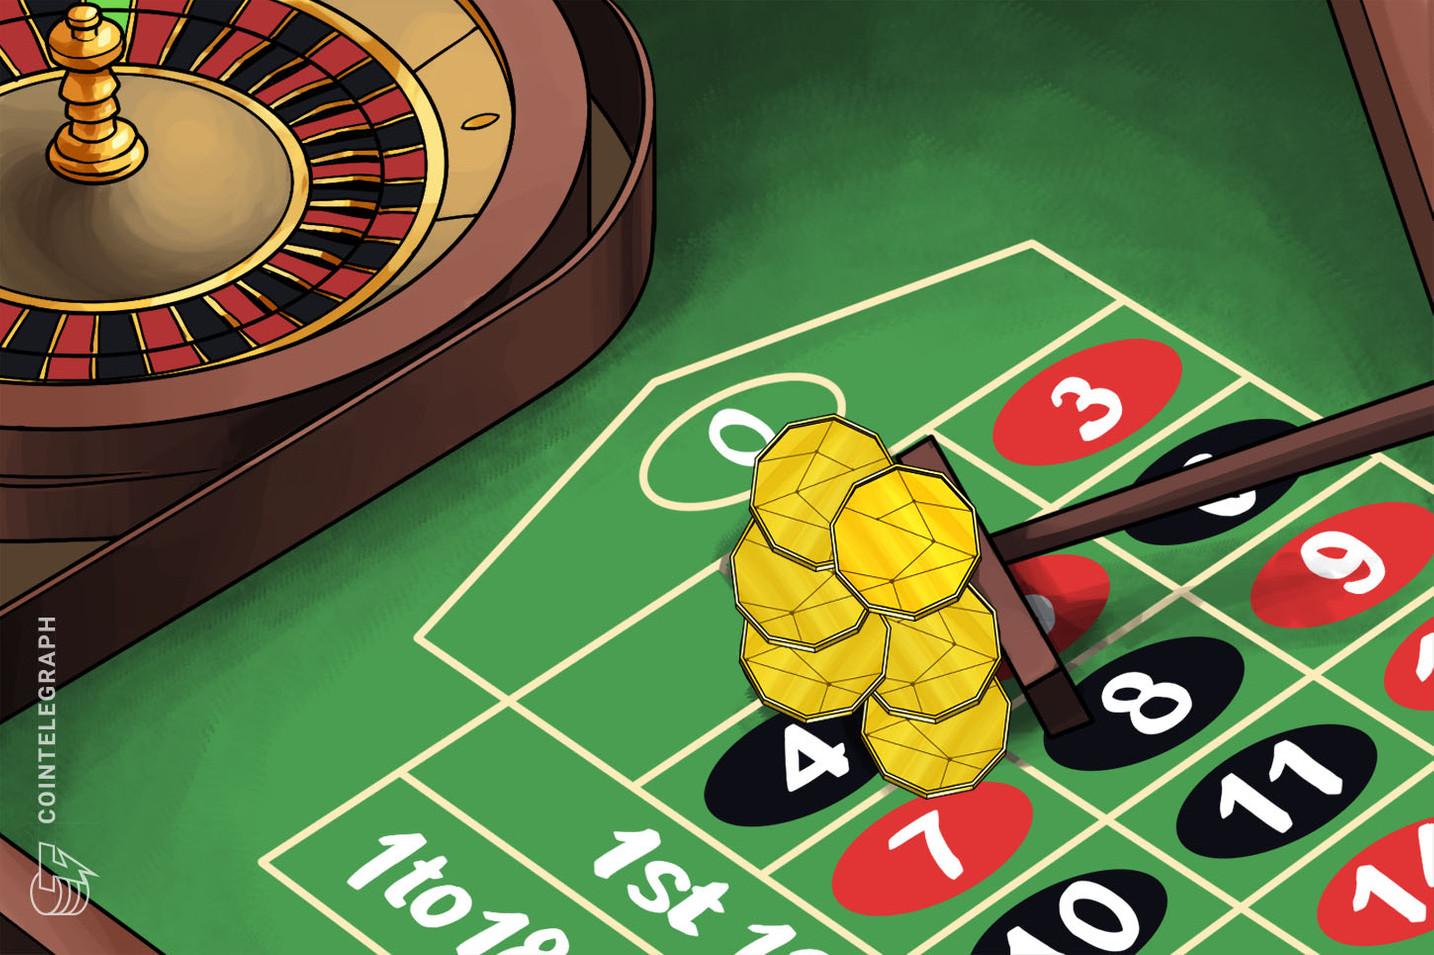 Tron adota restrições em DApps de apostas no mercado japonês para atender à regulação